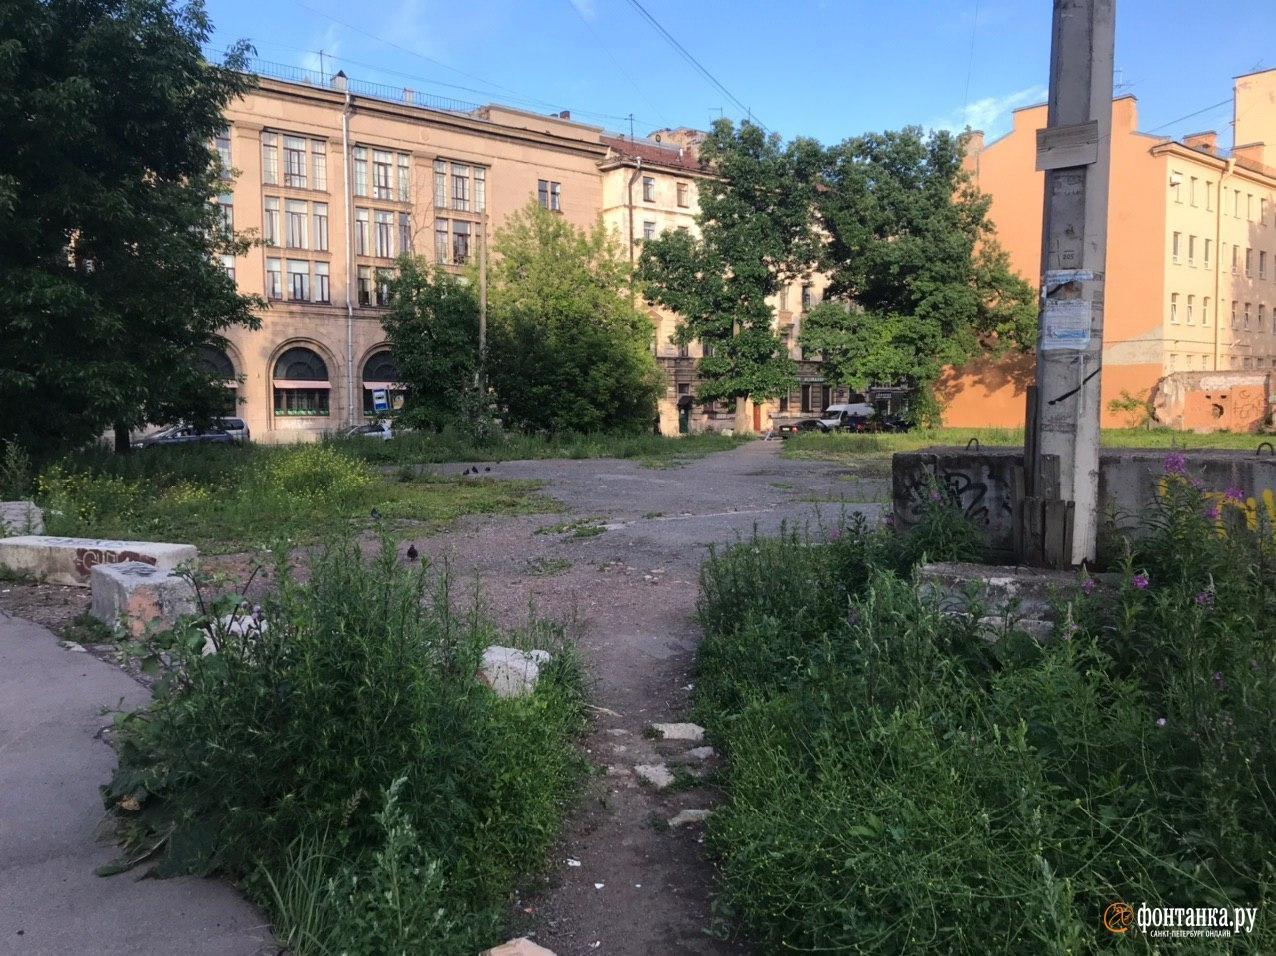 Сытнинская улица<br><br>автор фото Денис Лебедев / «Фонтанка.ру»<br>